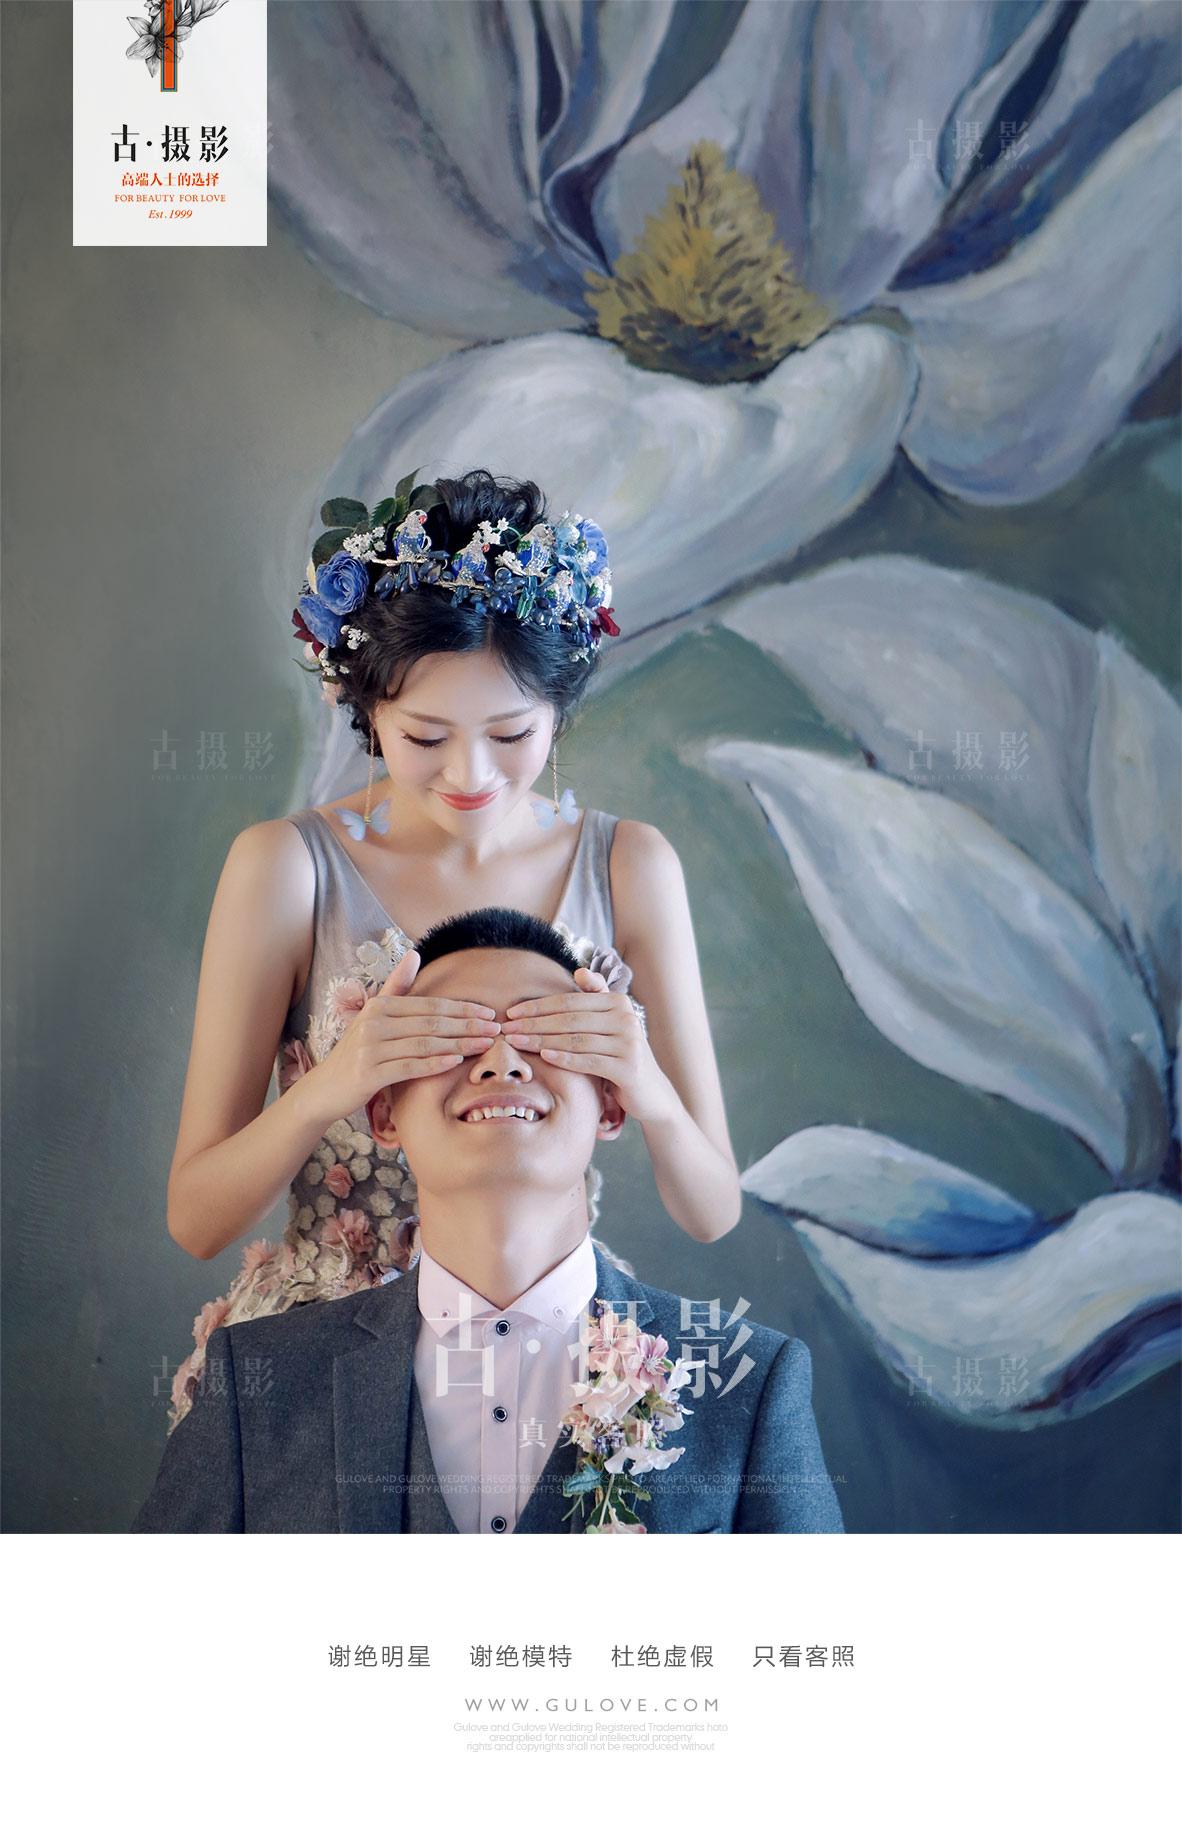 7月客照第一季 - 月度客照 - 古摄影婚纱艺术-古摄影成都婚纱摄影艺术摄影网